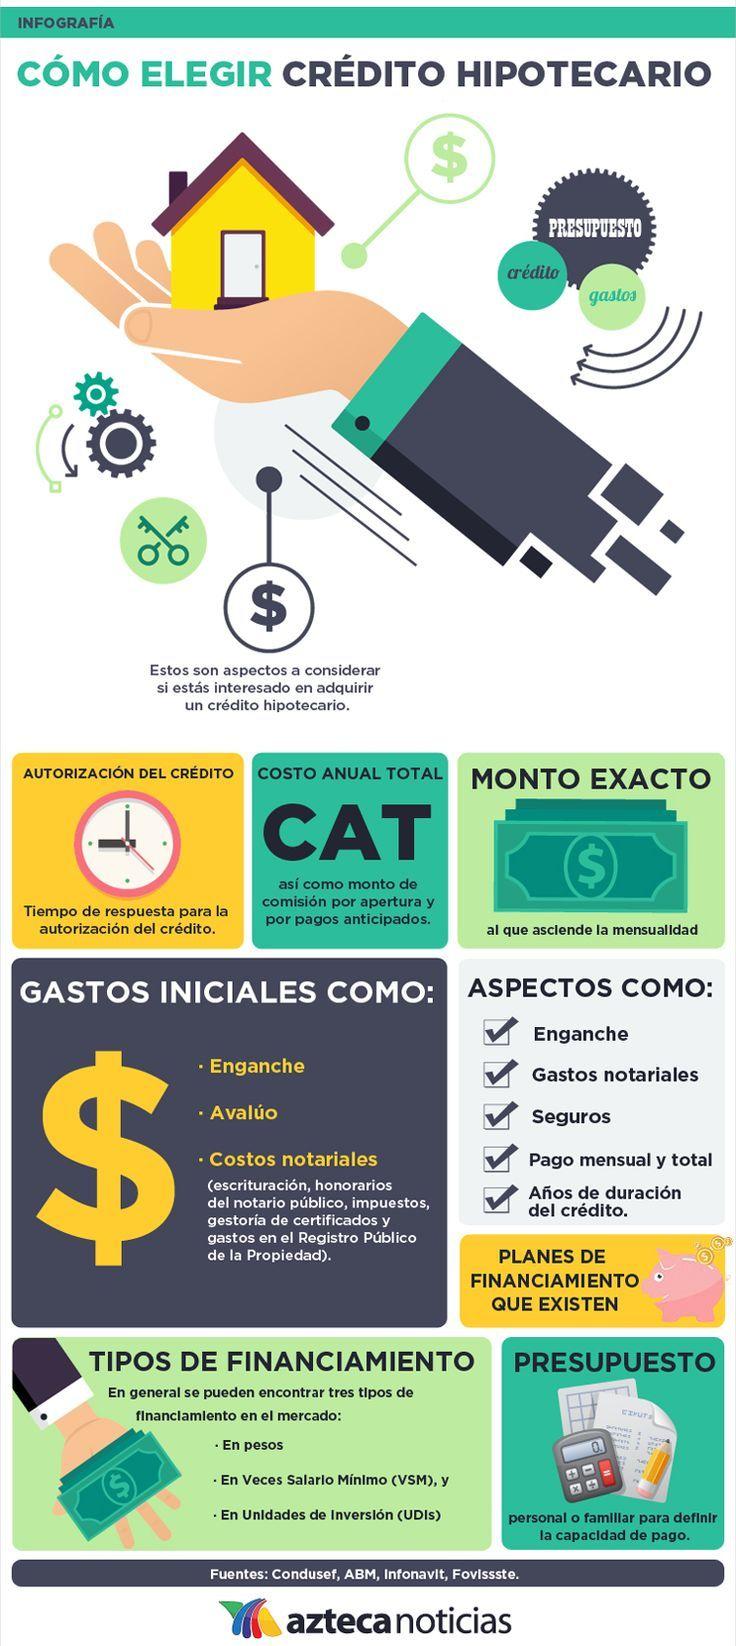 ¿Cómo elegir un #crédito hipotecario? #Hogaressauce.